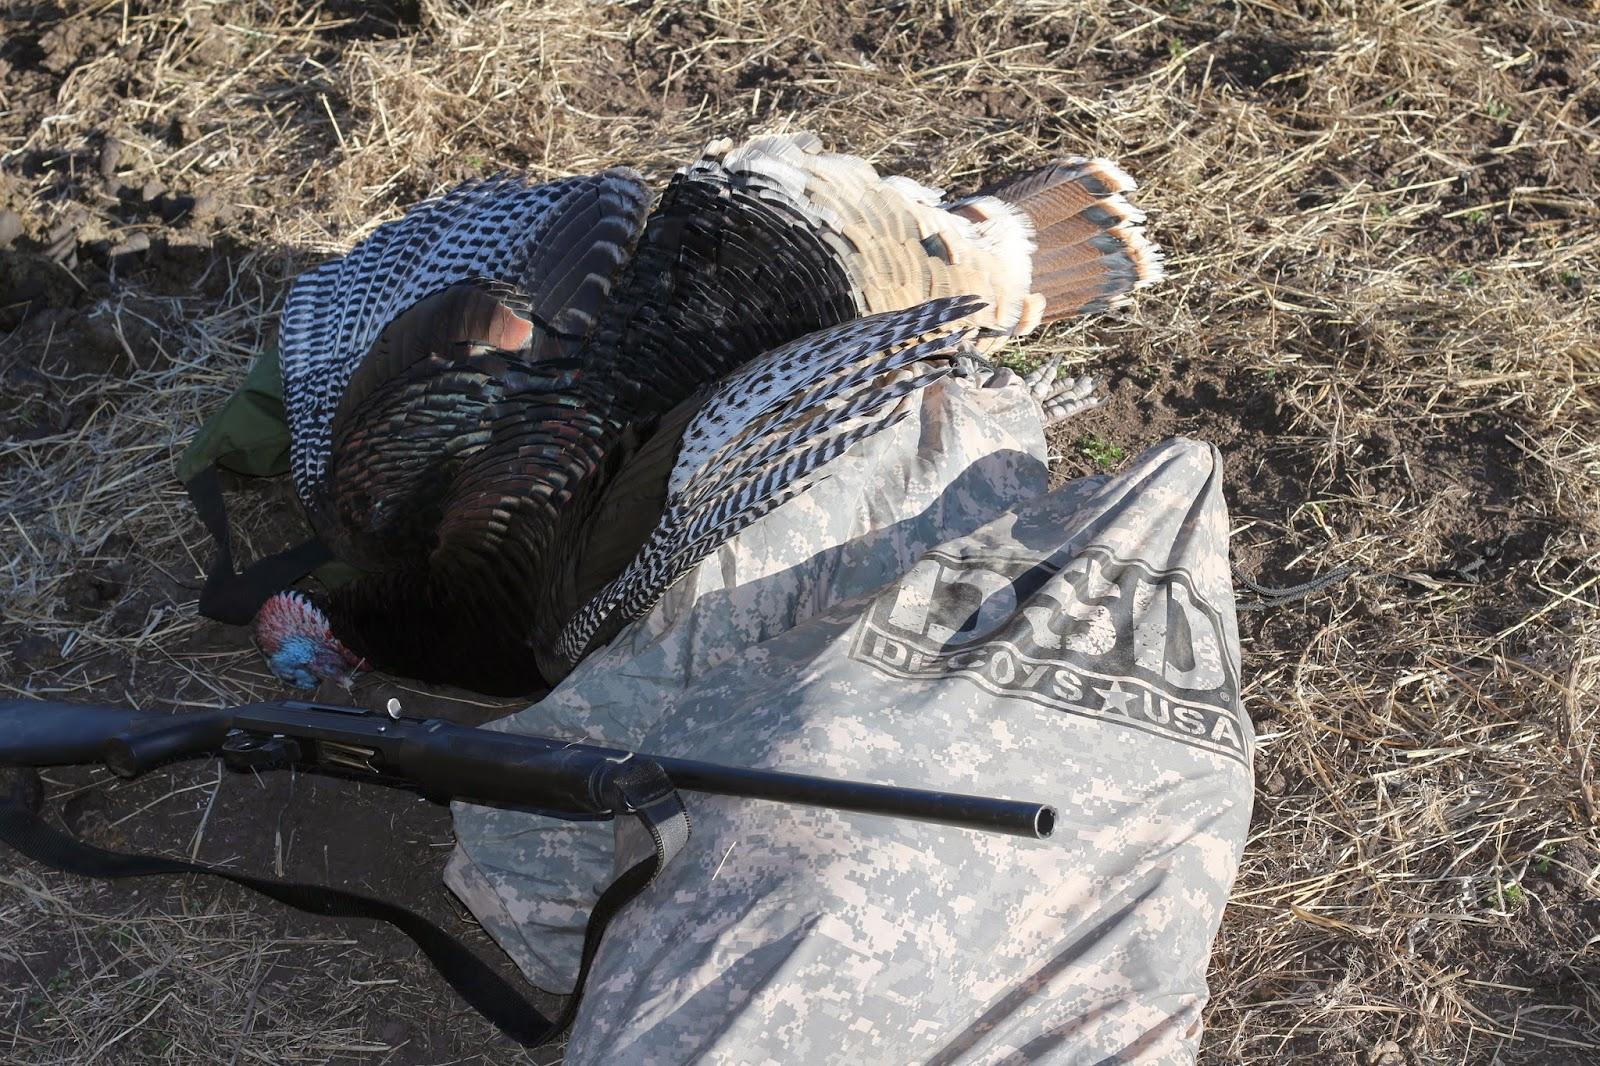 Arizona+Turkey+Hunting+with+Jay+Scott+Outdoors+13.JPG